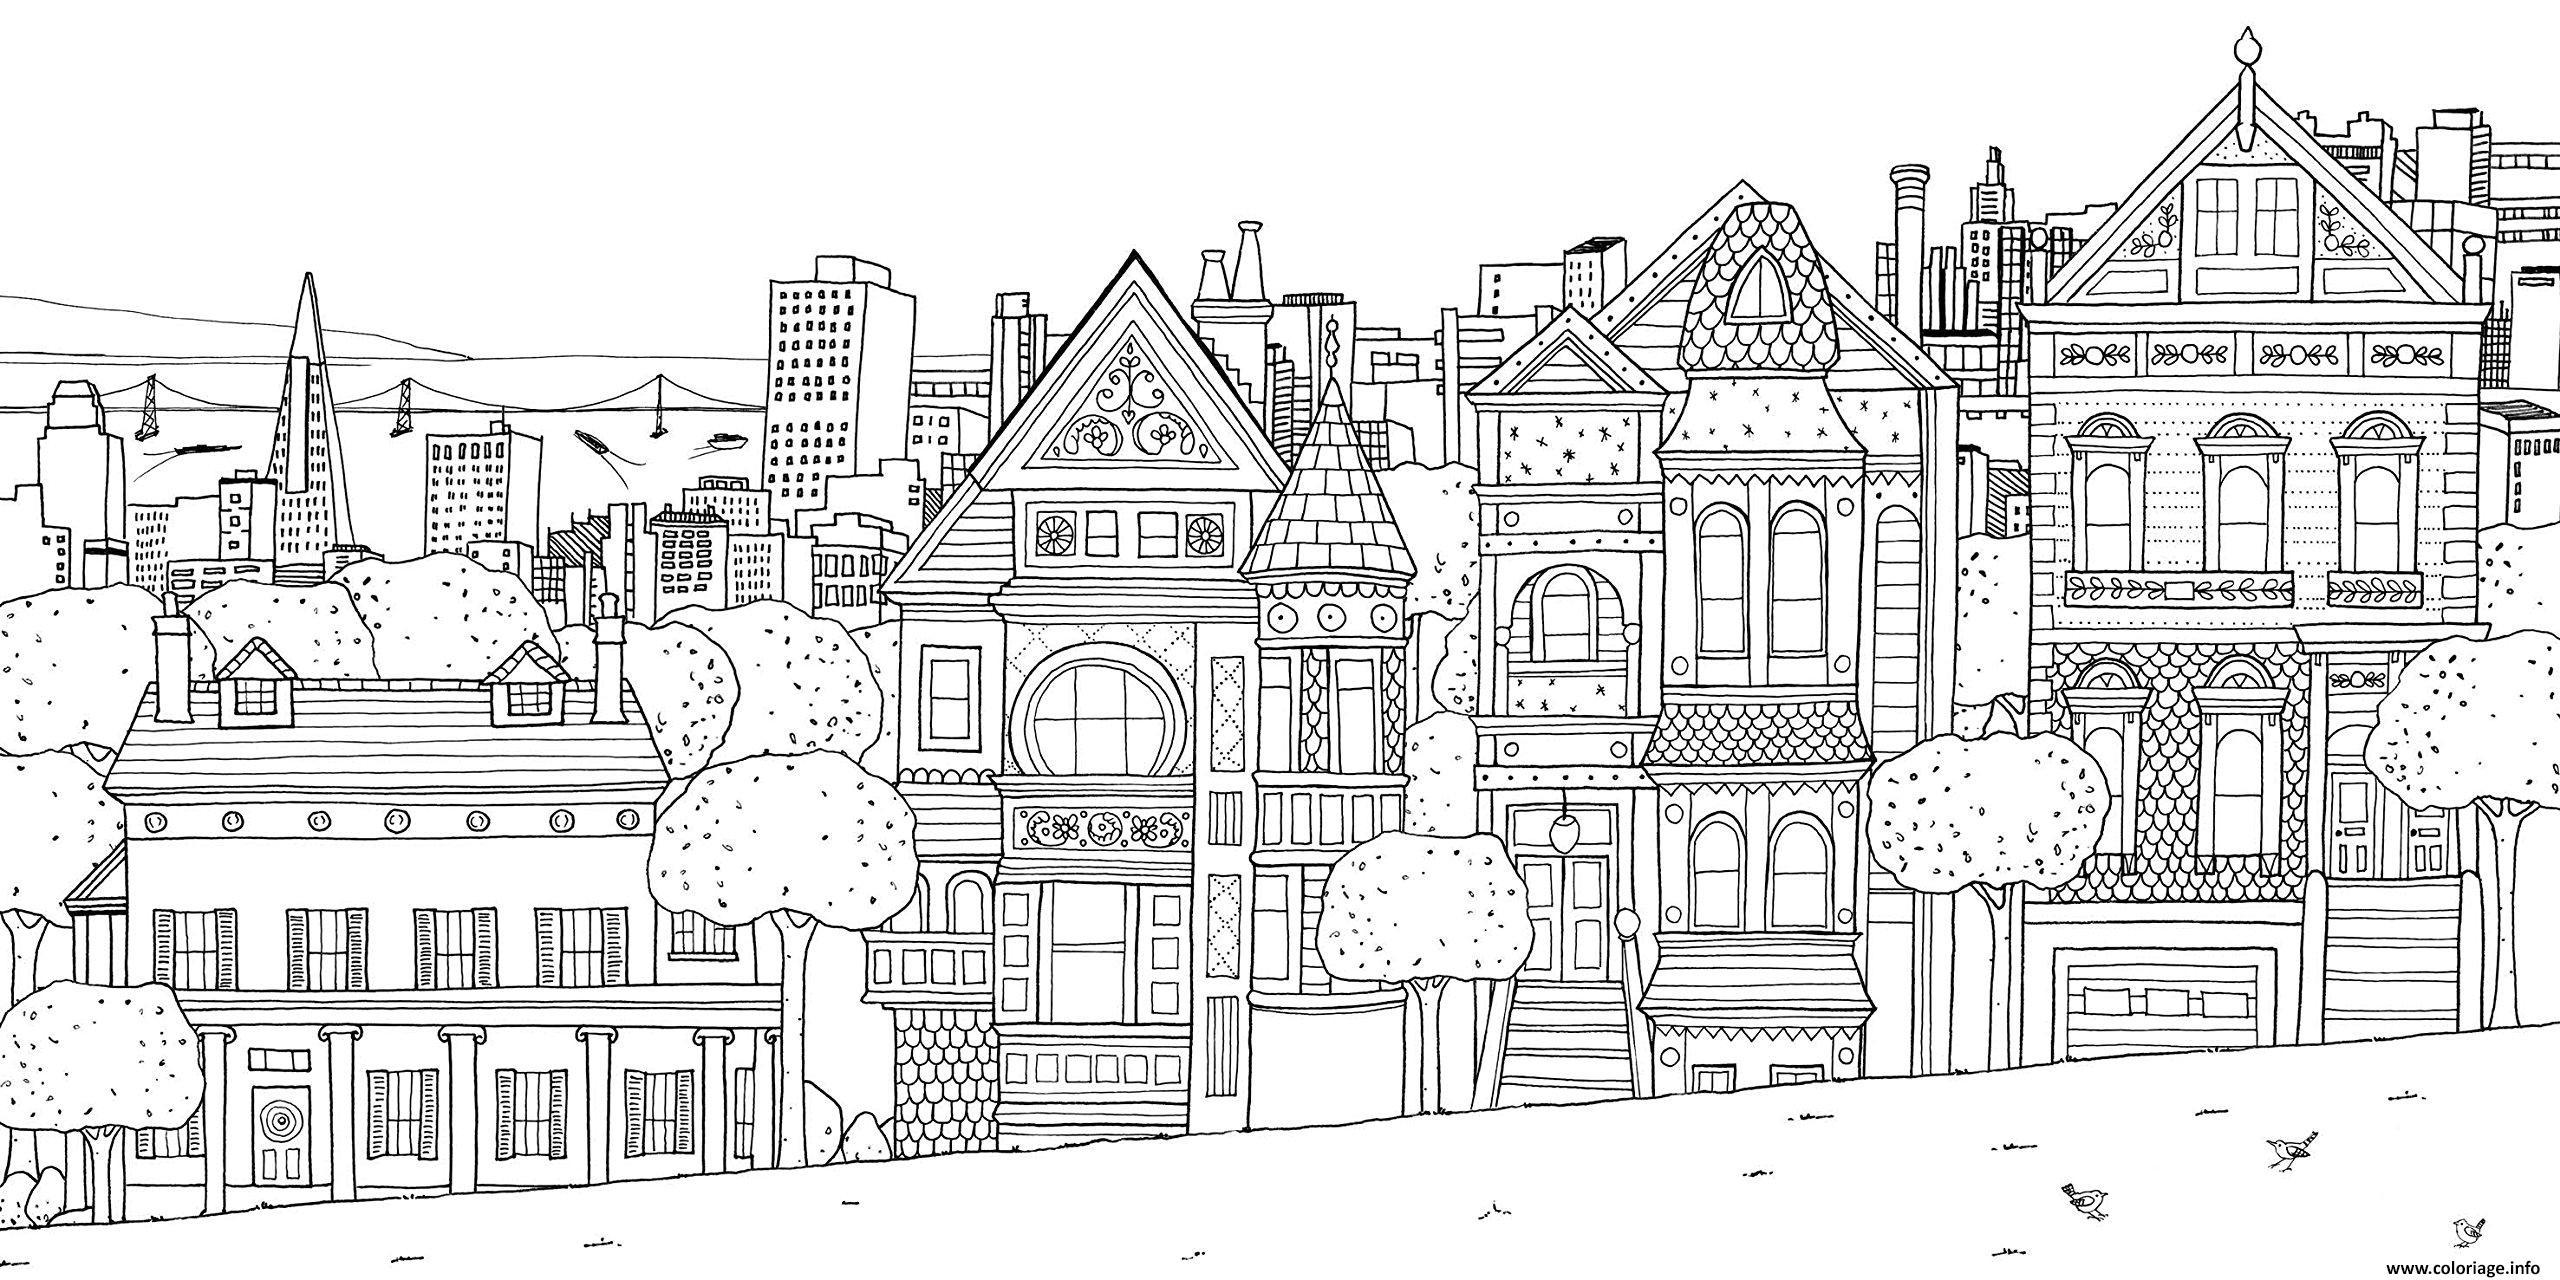 Real Art Design Group Chicago : Coloriage xxl maison appartements ville dessin